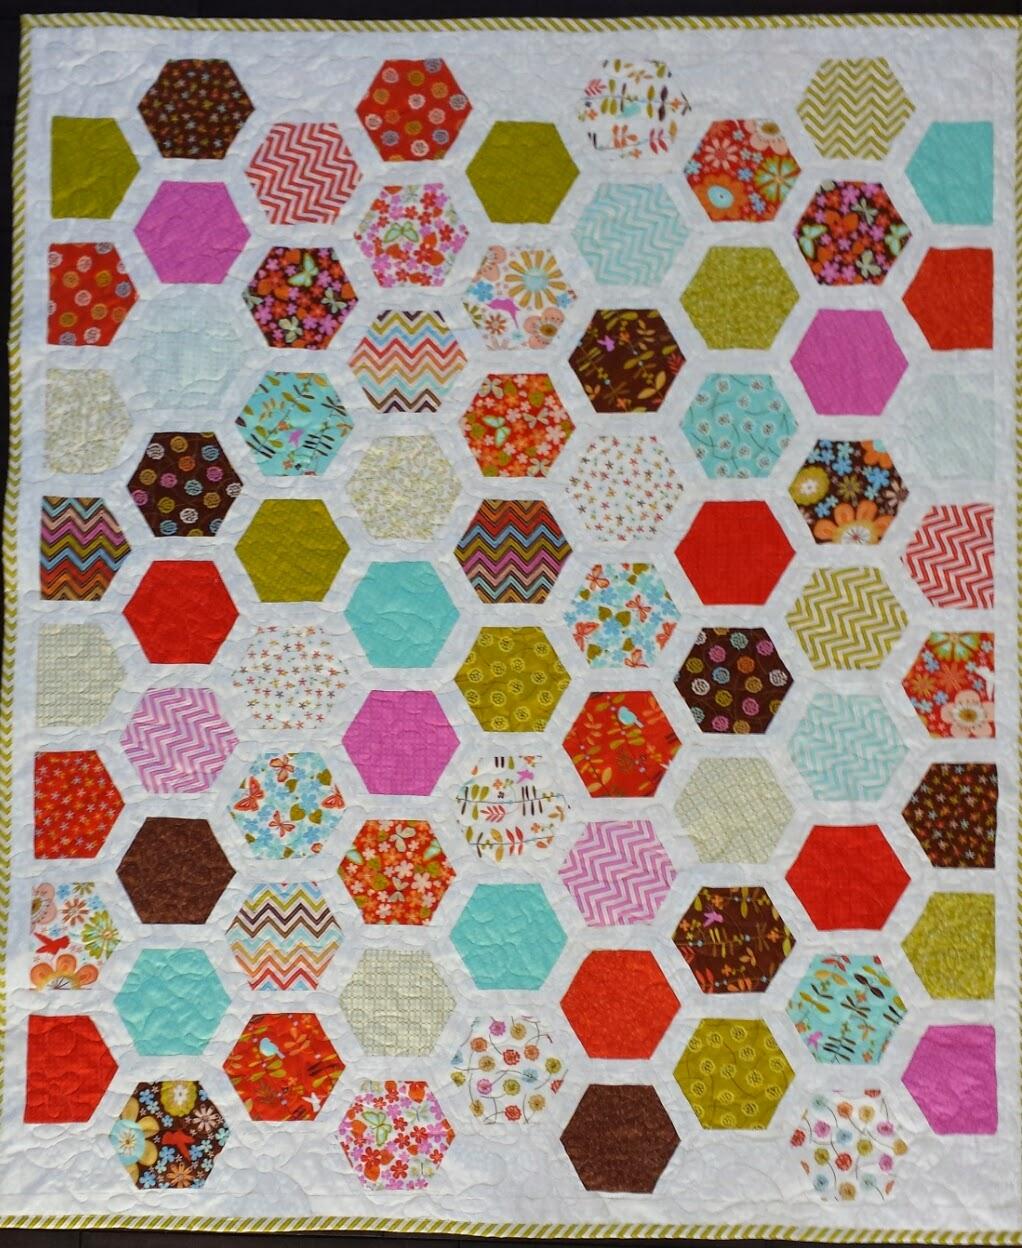 Serena Bean Quilts: Wren and Friends Framed Hexagon Quilt : hexagon quilt kit - Adamdwight.com